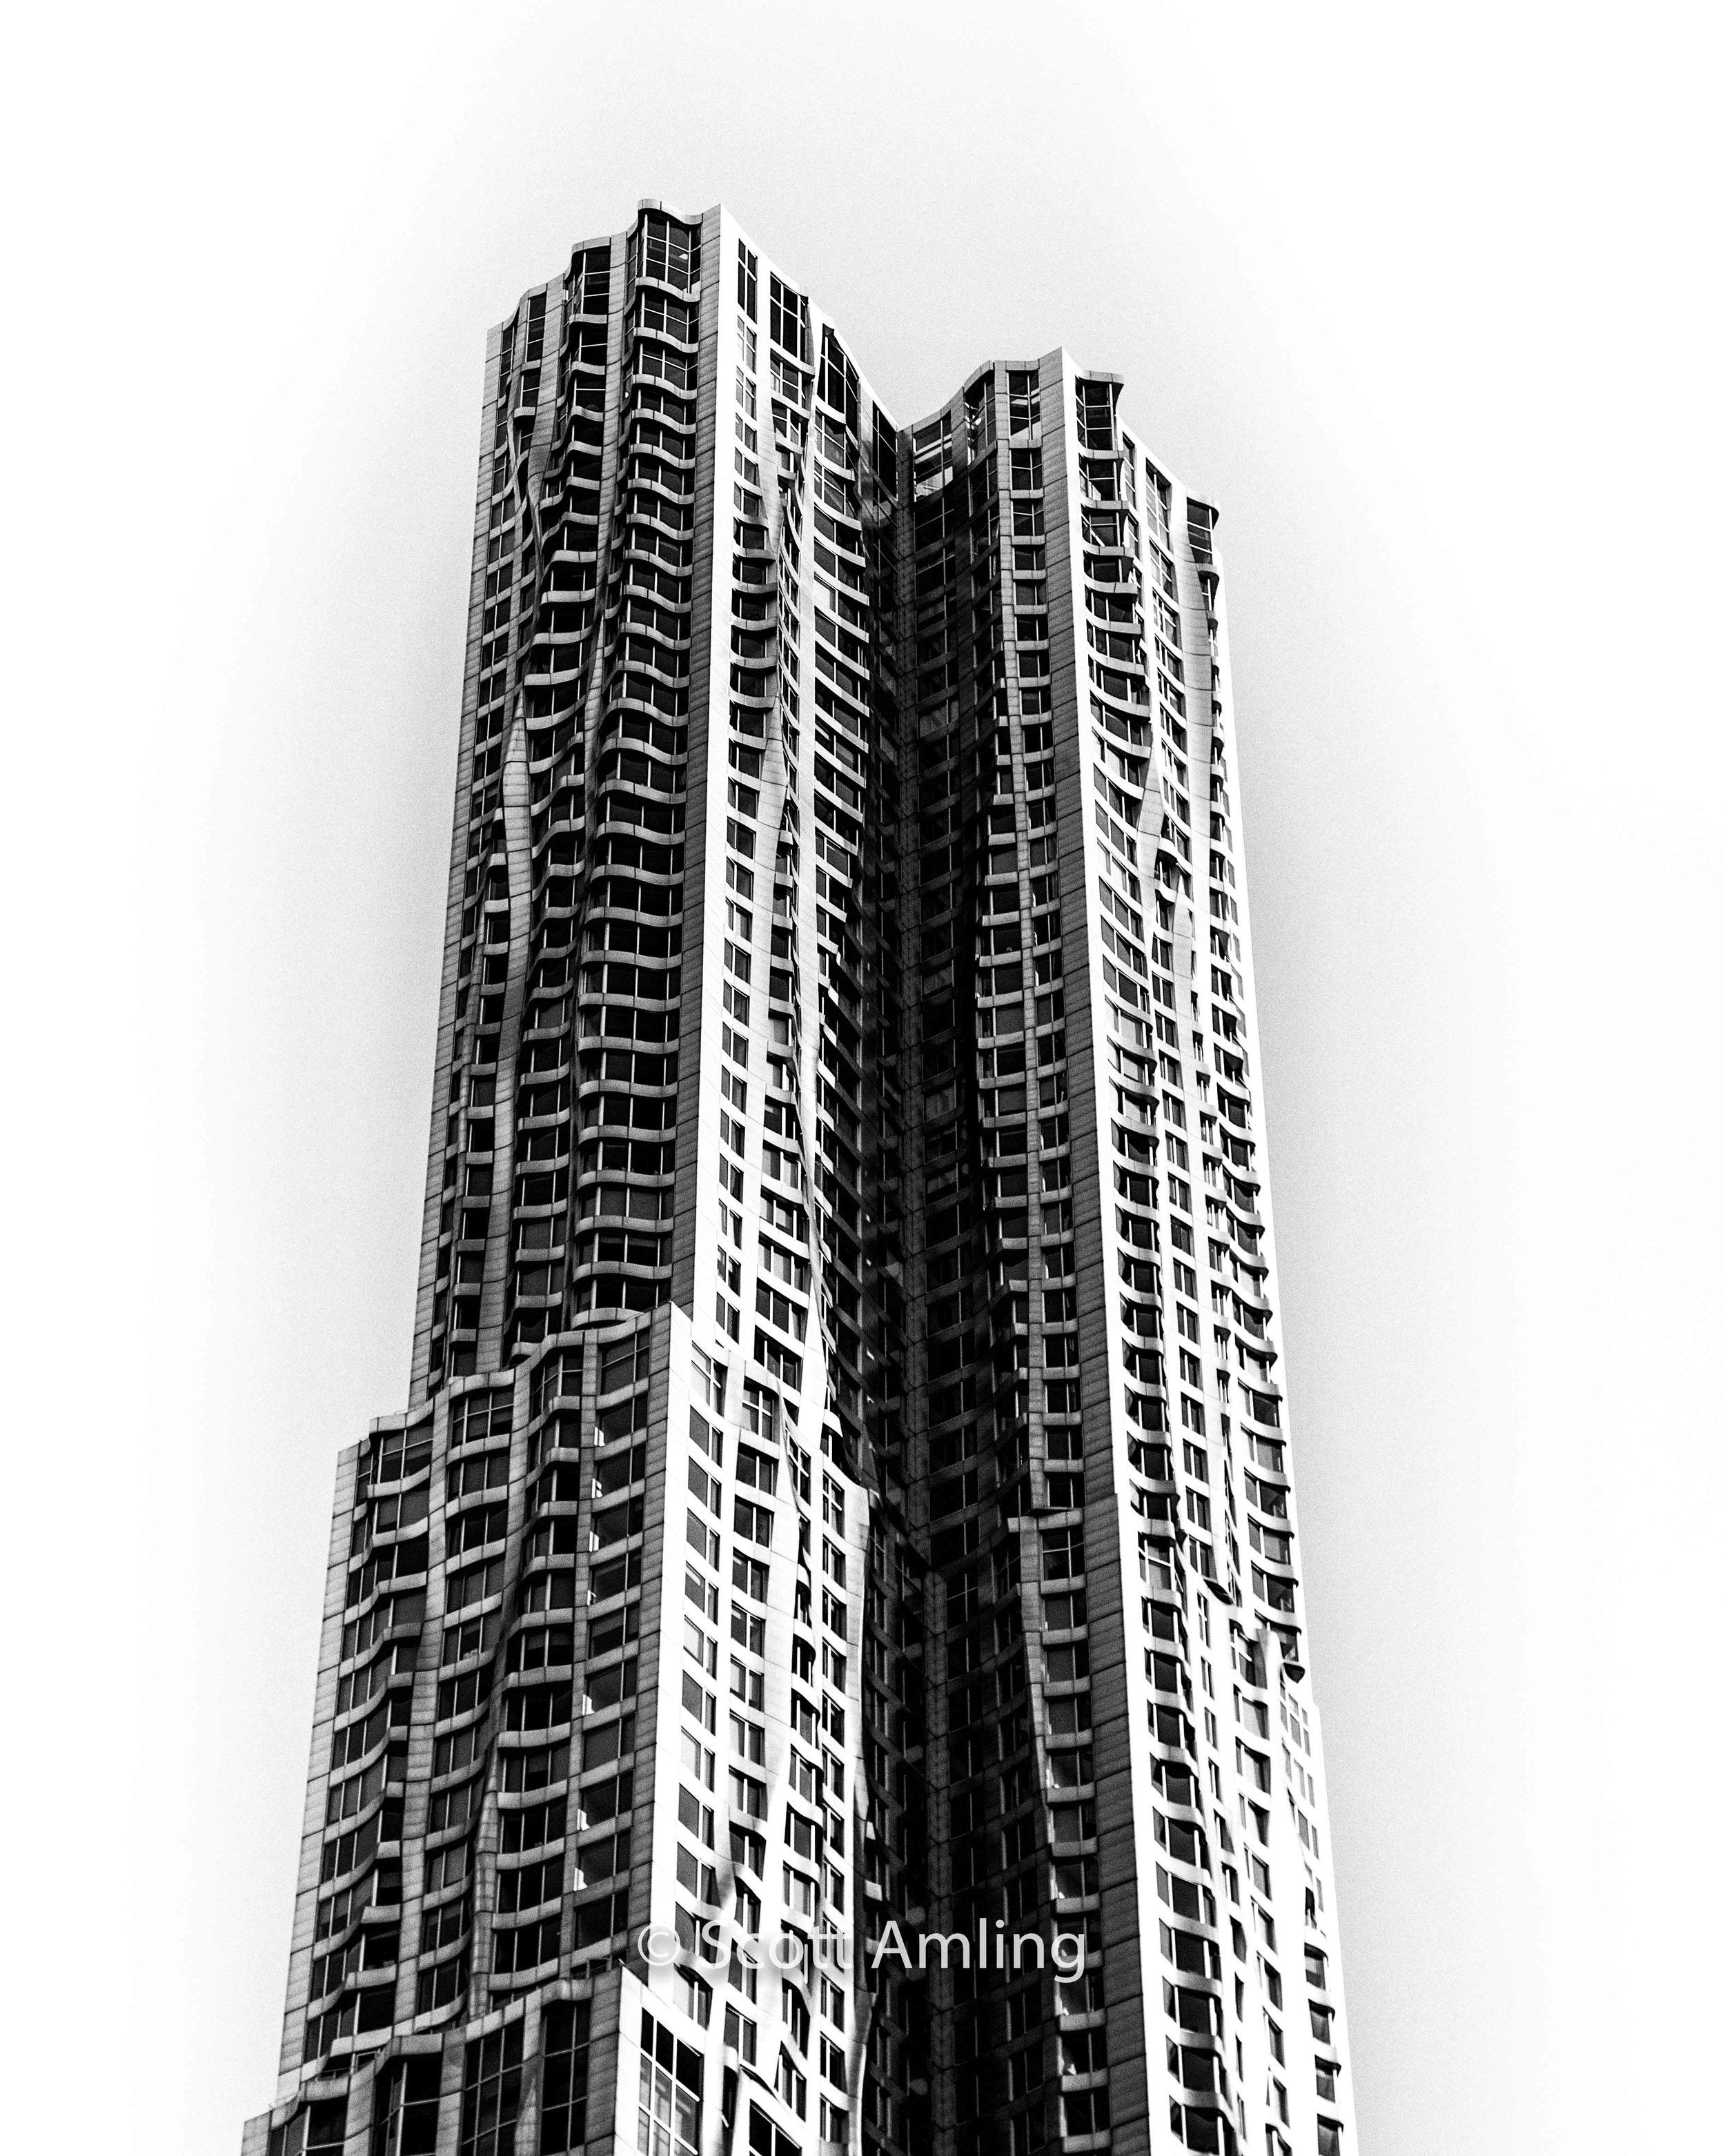 New York, 2013-230-Final.jpg